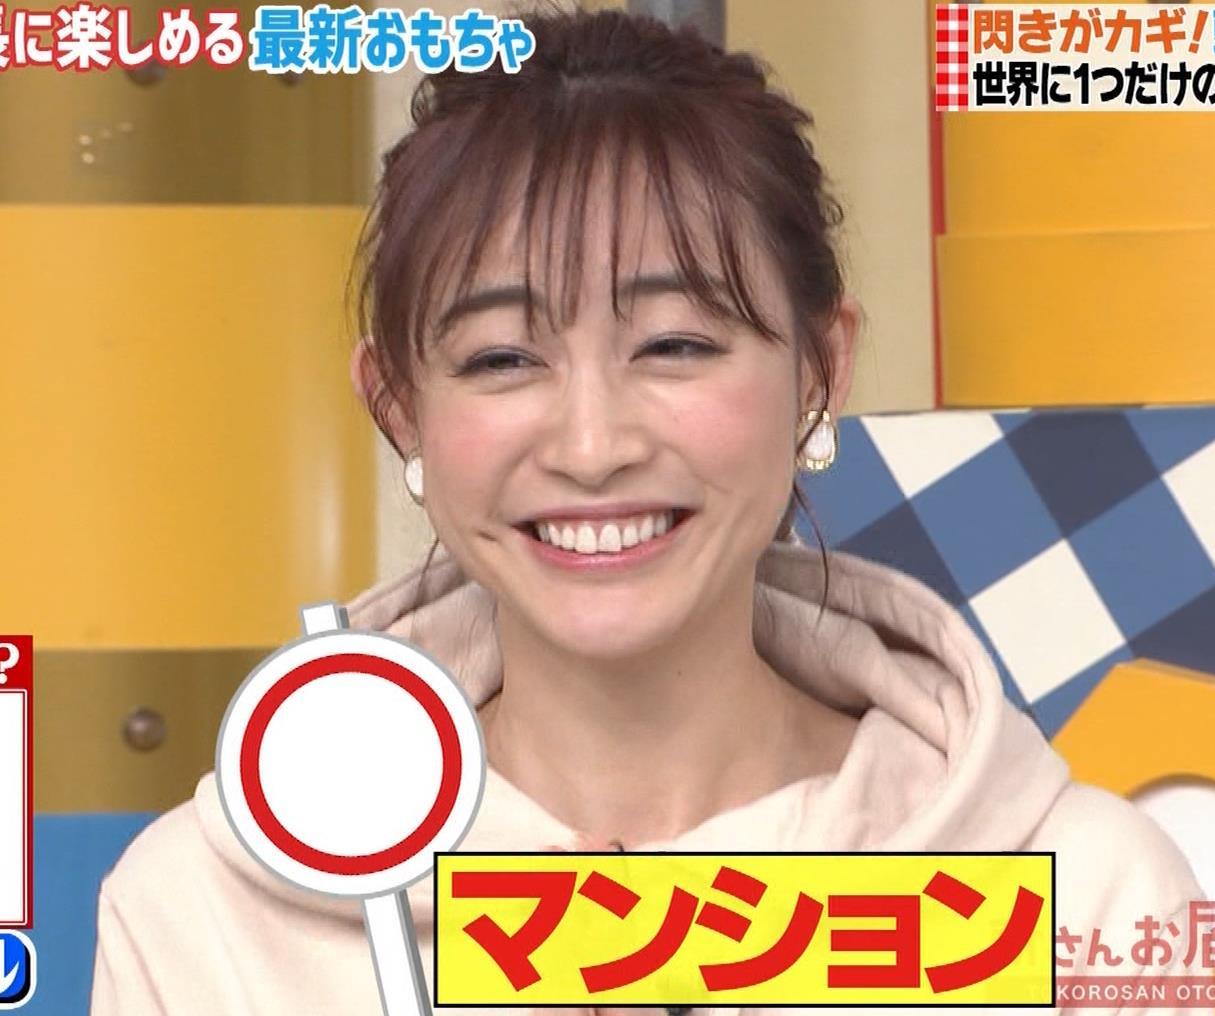 新井絵理奈 かわいいポニーテール&ちょっと胸が目立つキャプ・エロ画像14